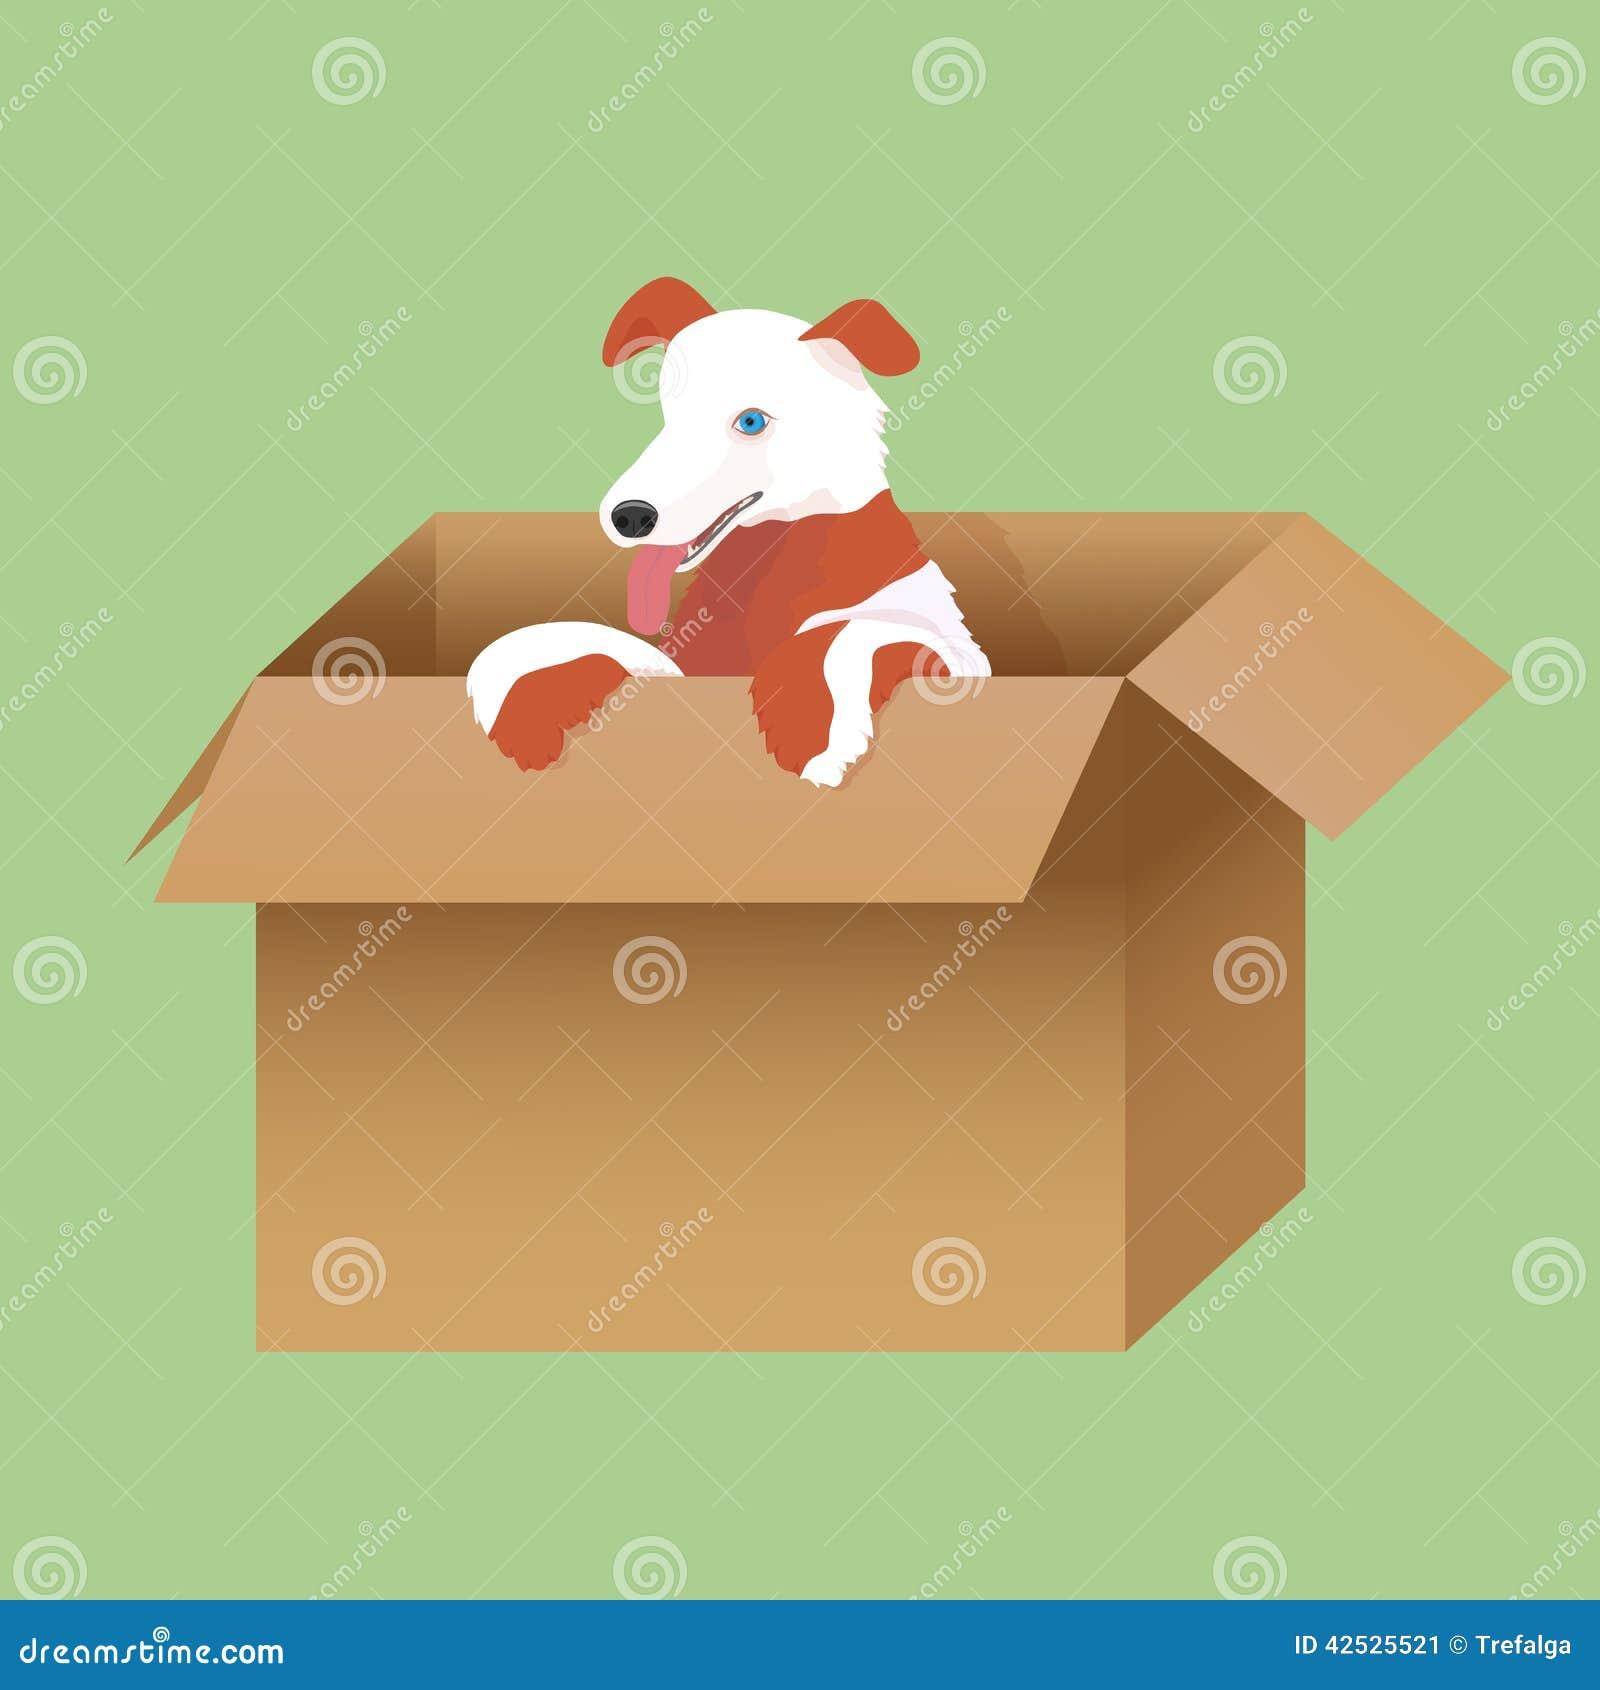 Ilustracja szczeniak w pudełku